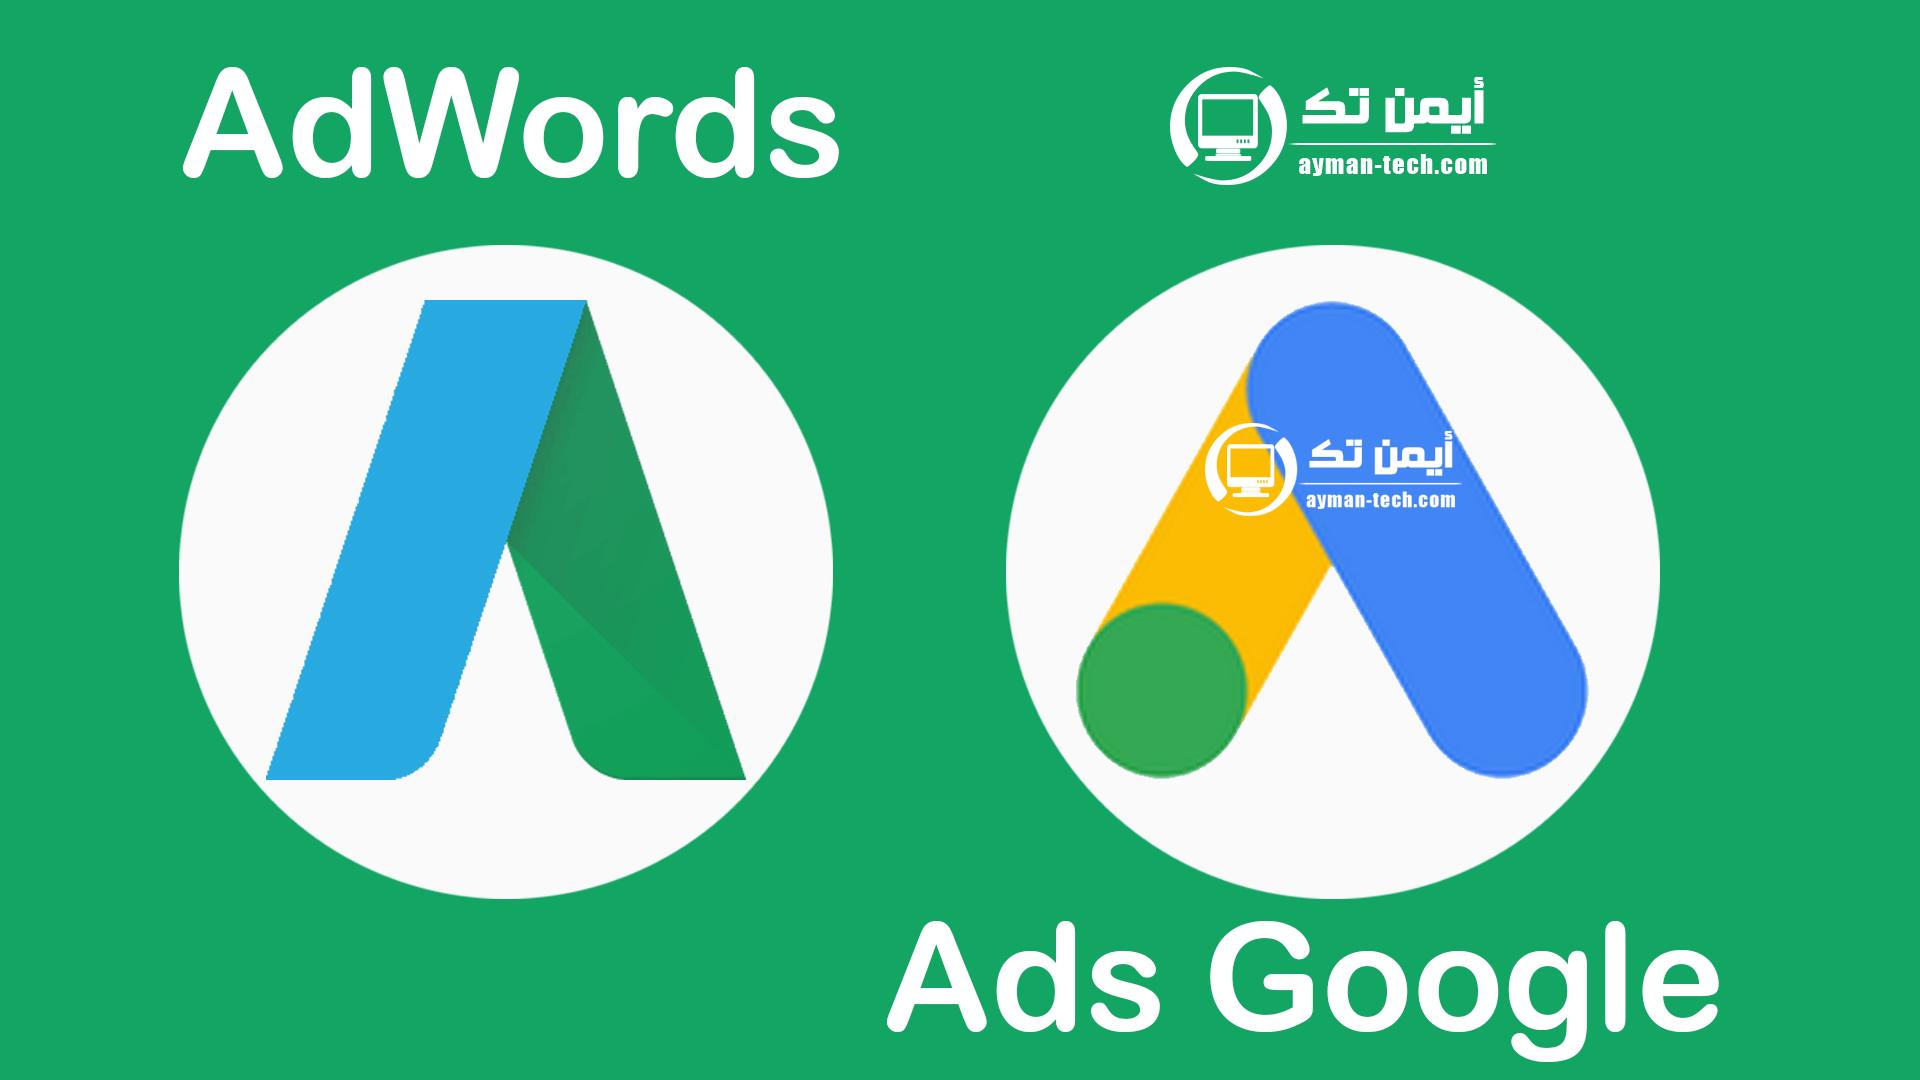 جوجل تستبل علامتها التجارية AdWords بـ ADS Google